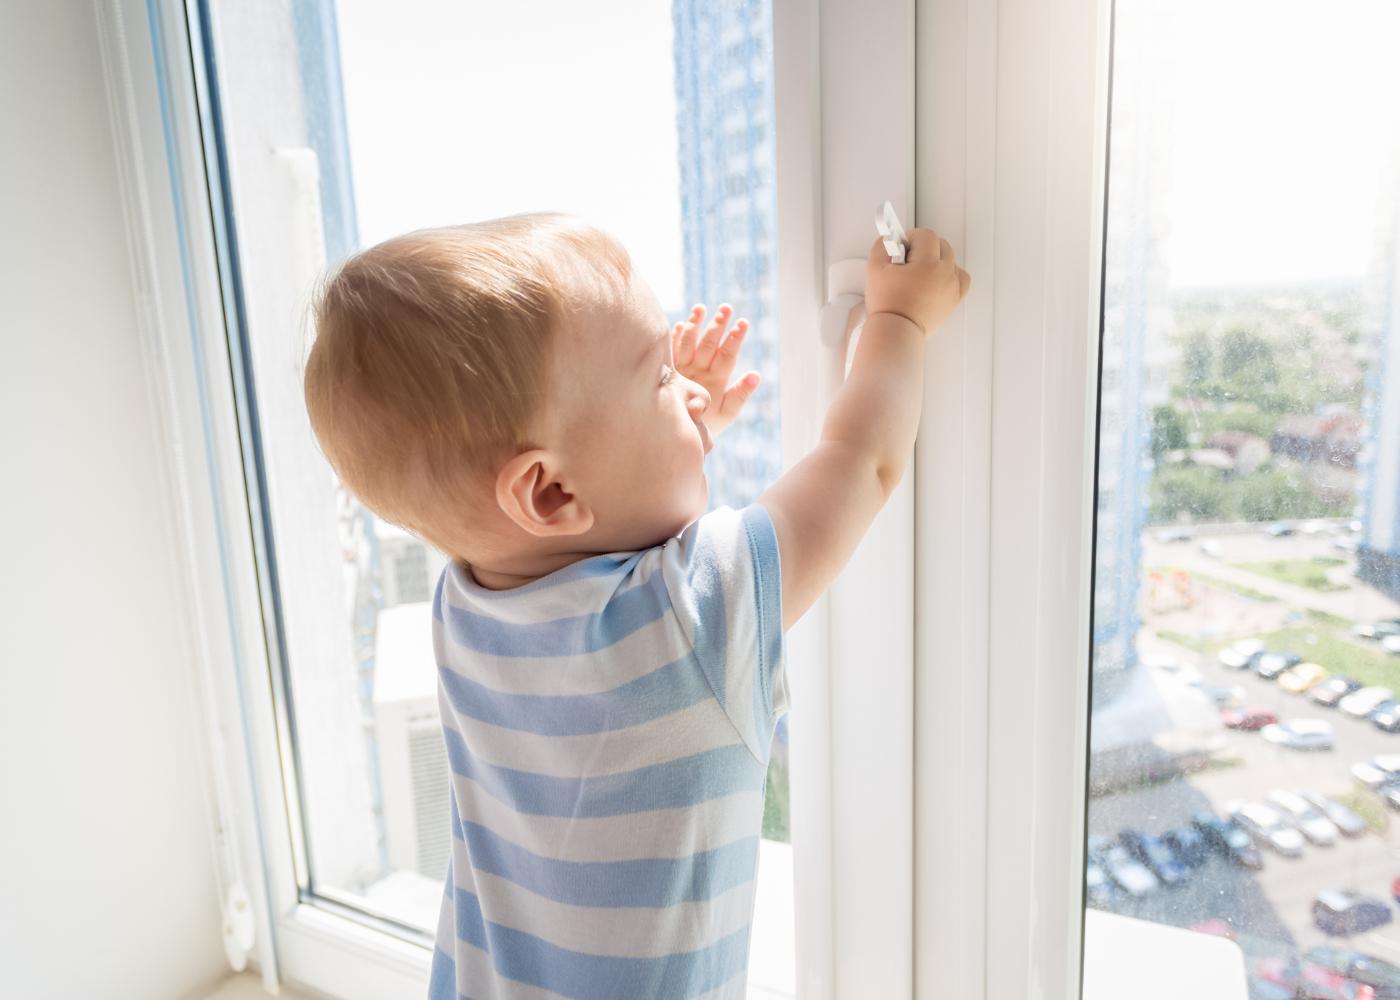 bebé em perigo a mexer na janela